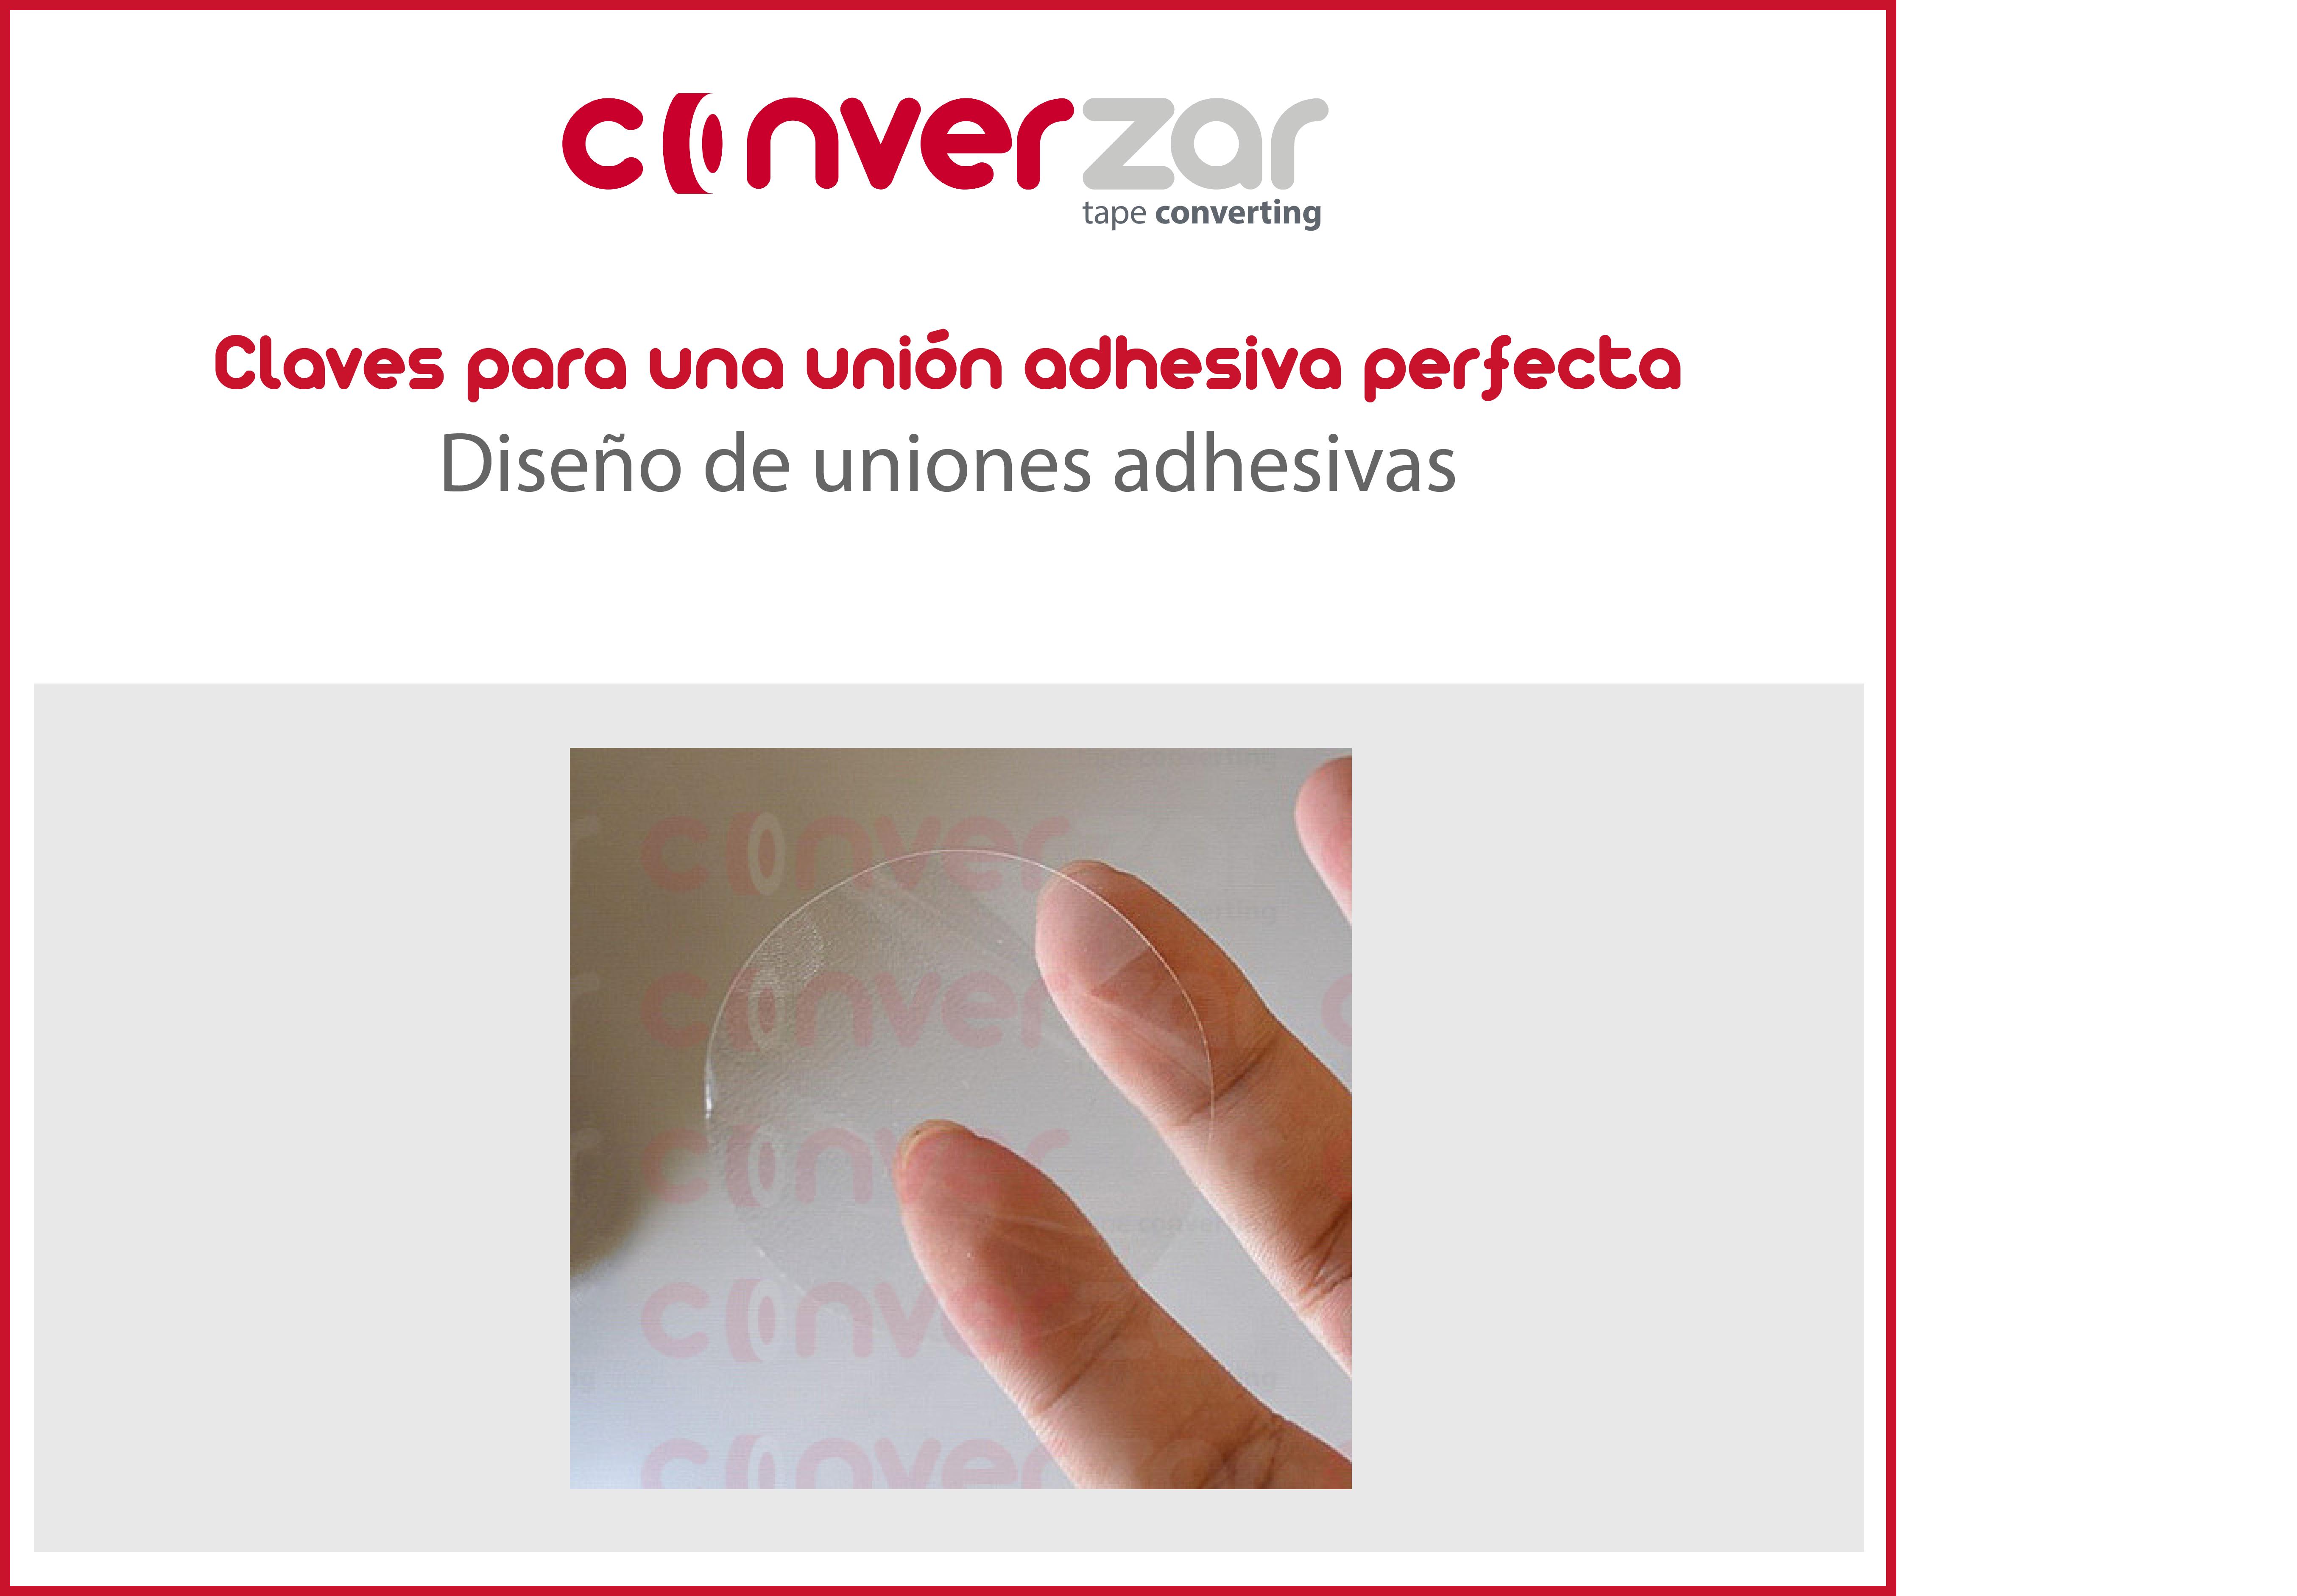 Claves para una unión adhesiva perfecta